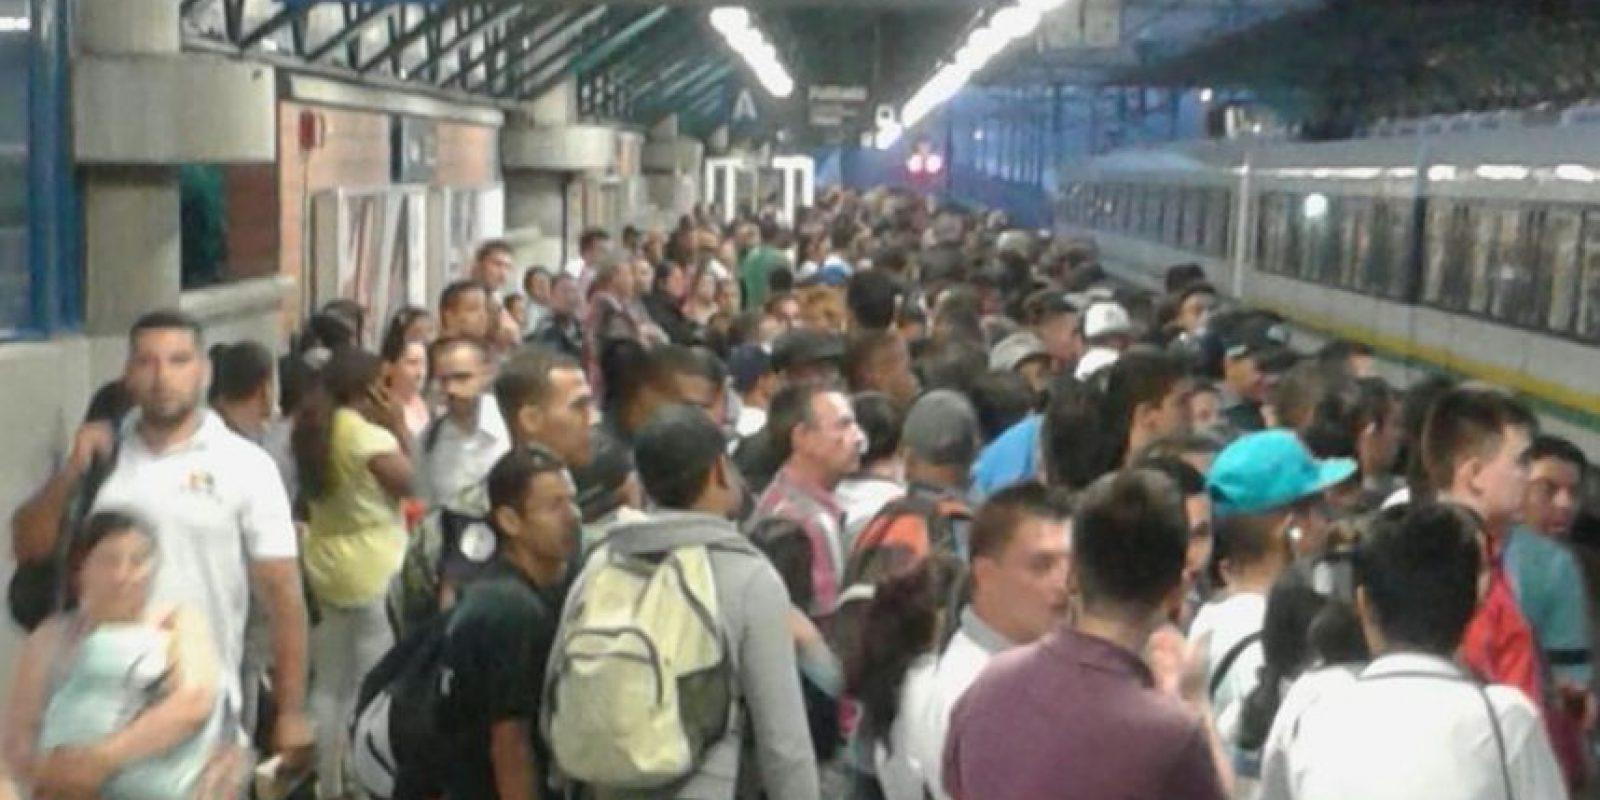 La Estación El Poblado está cerrada hoy marzo 30 de 2016. Foto:Publimetro